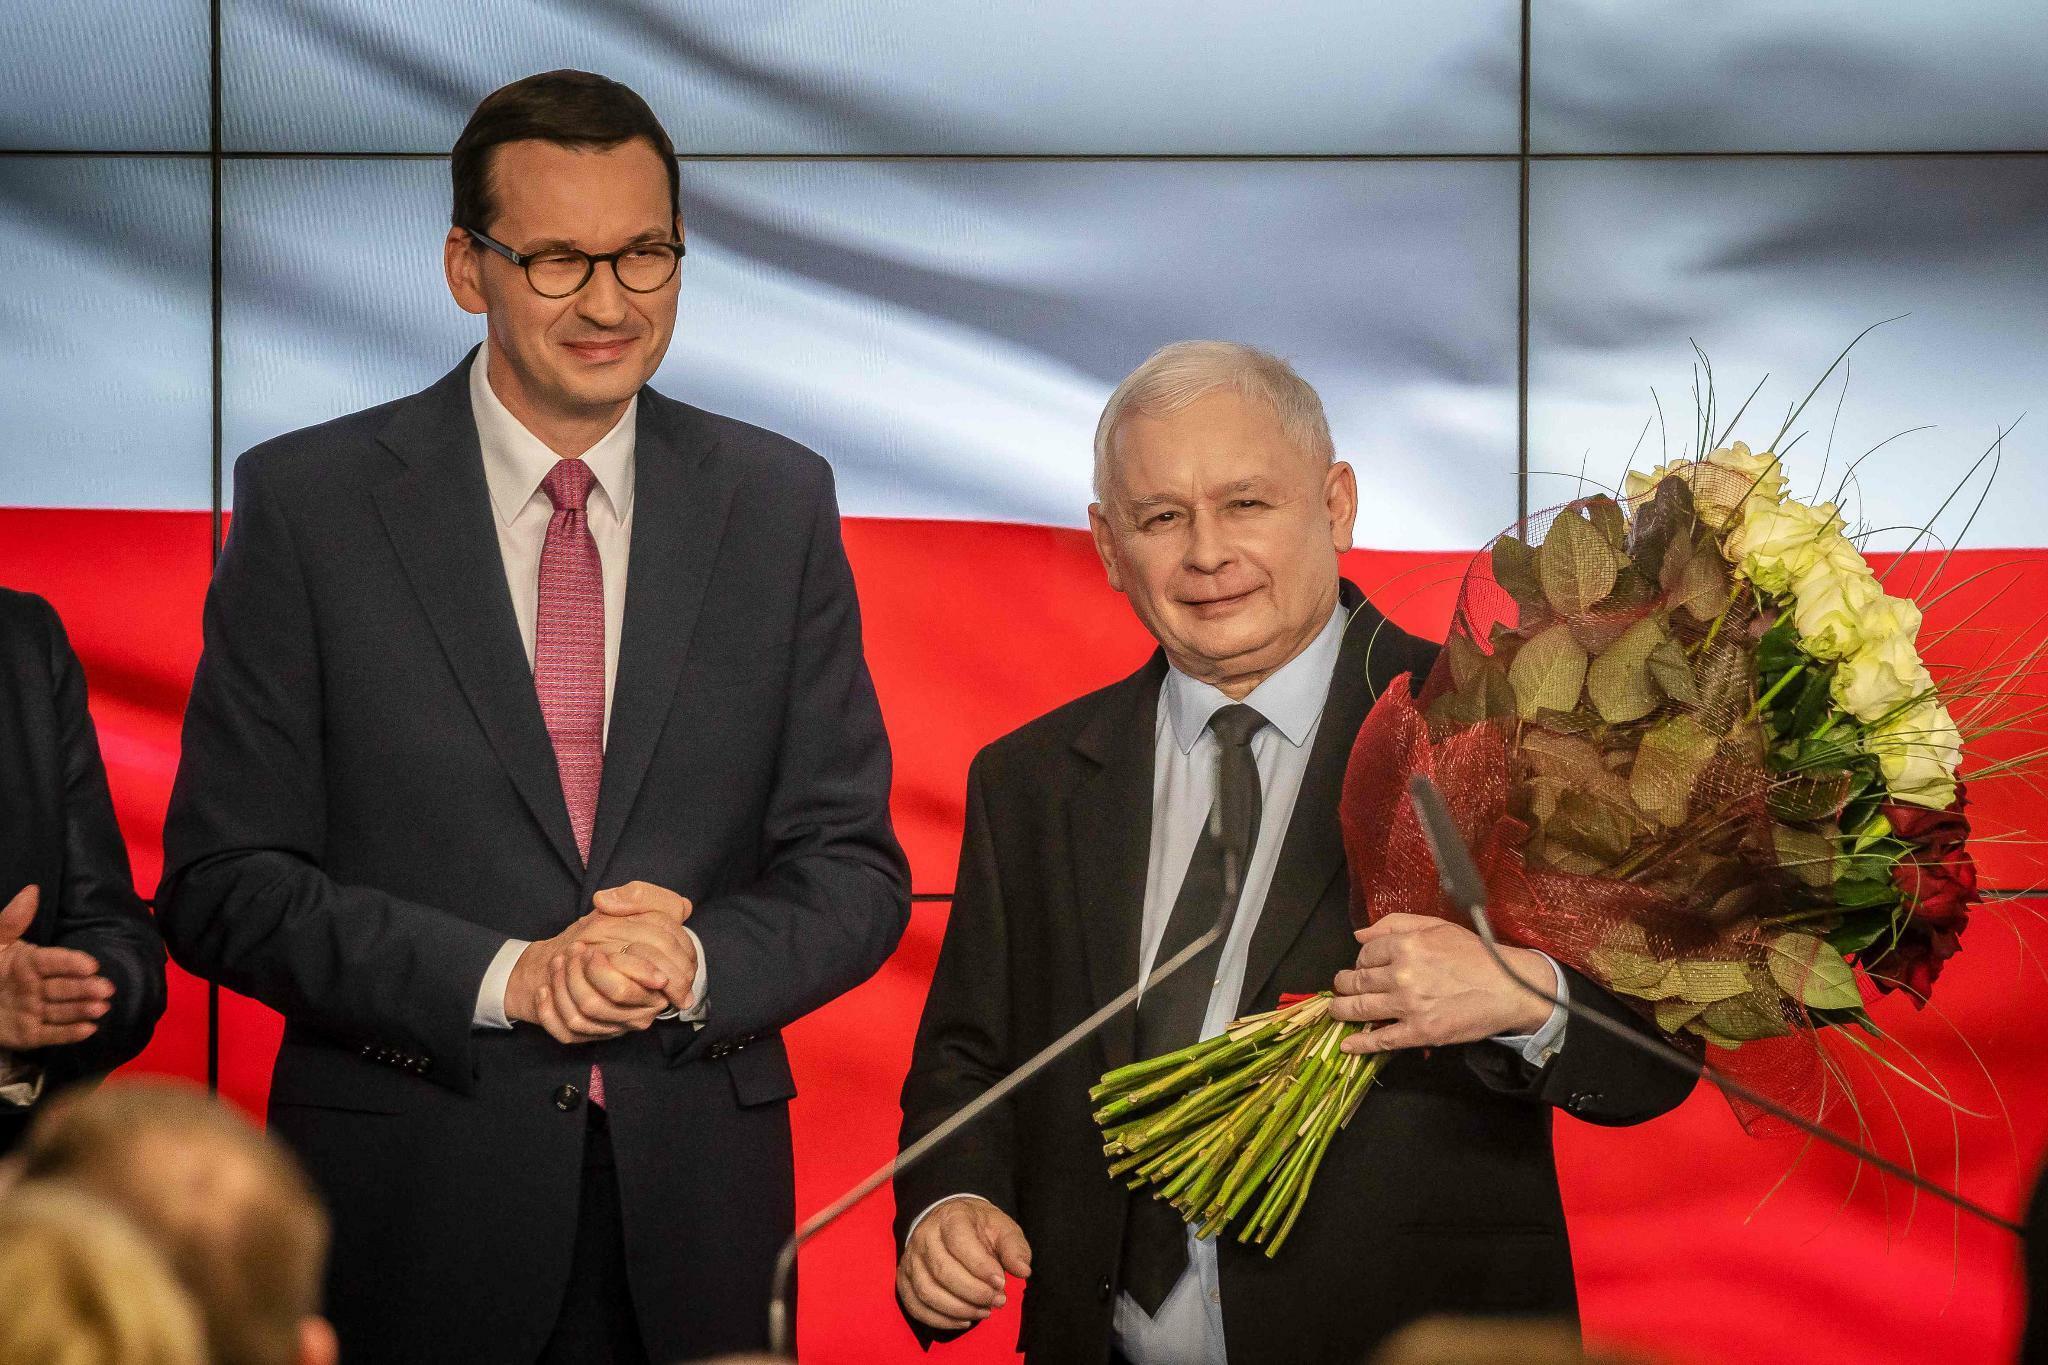 Polen: Regierungspartei PiS wohl weiter mit absoluter Mehrheit